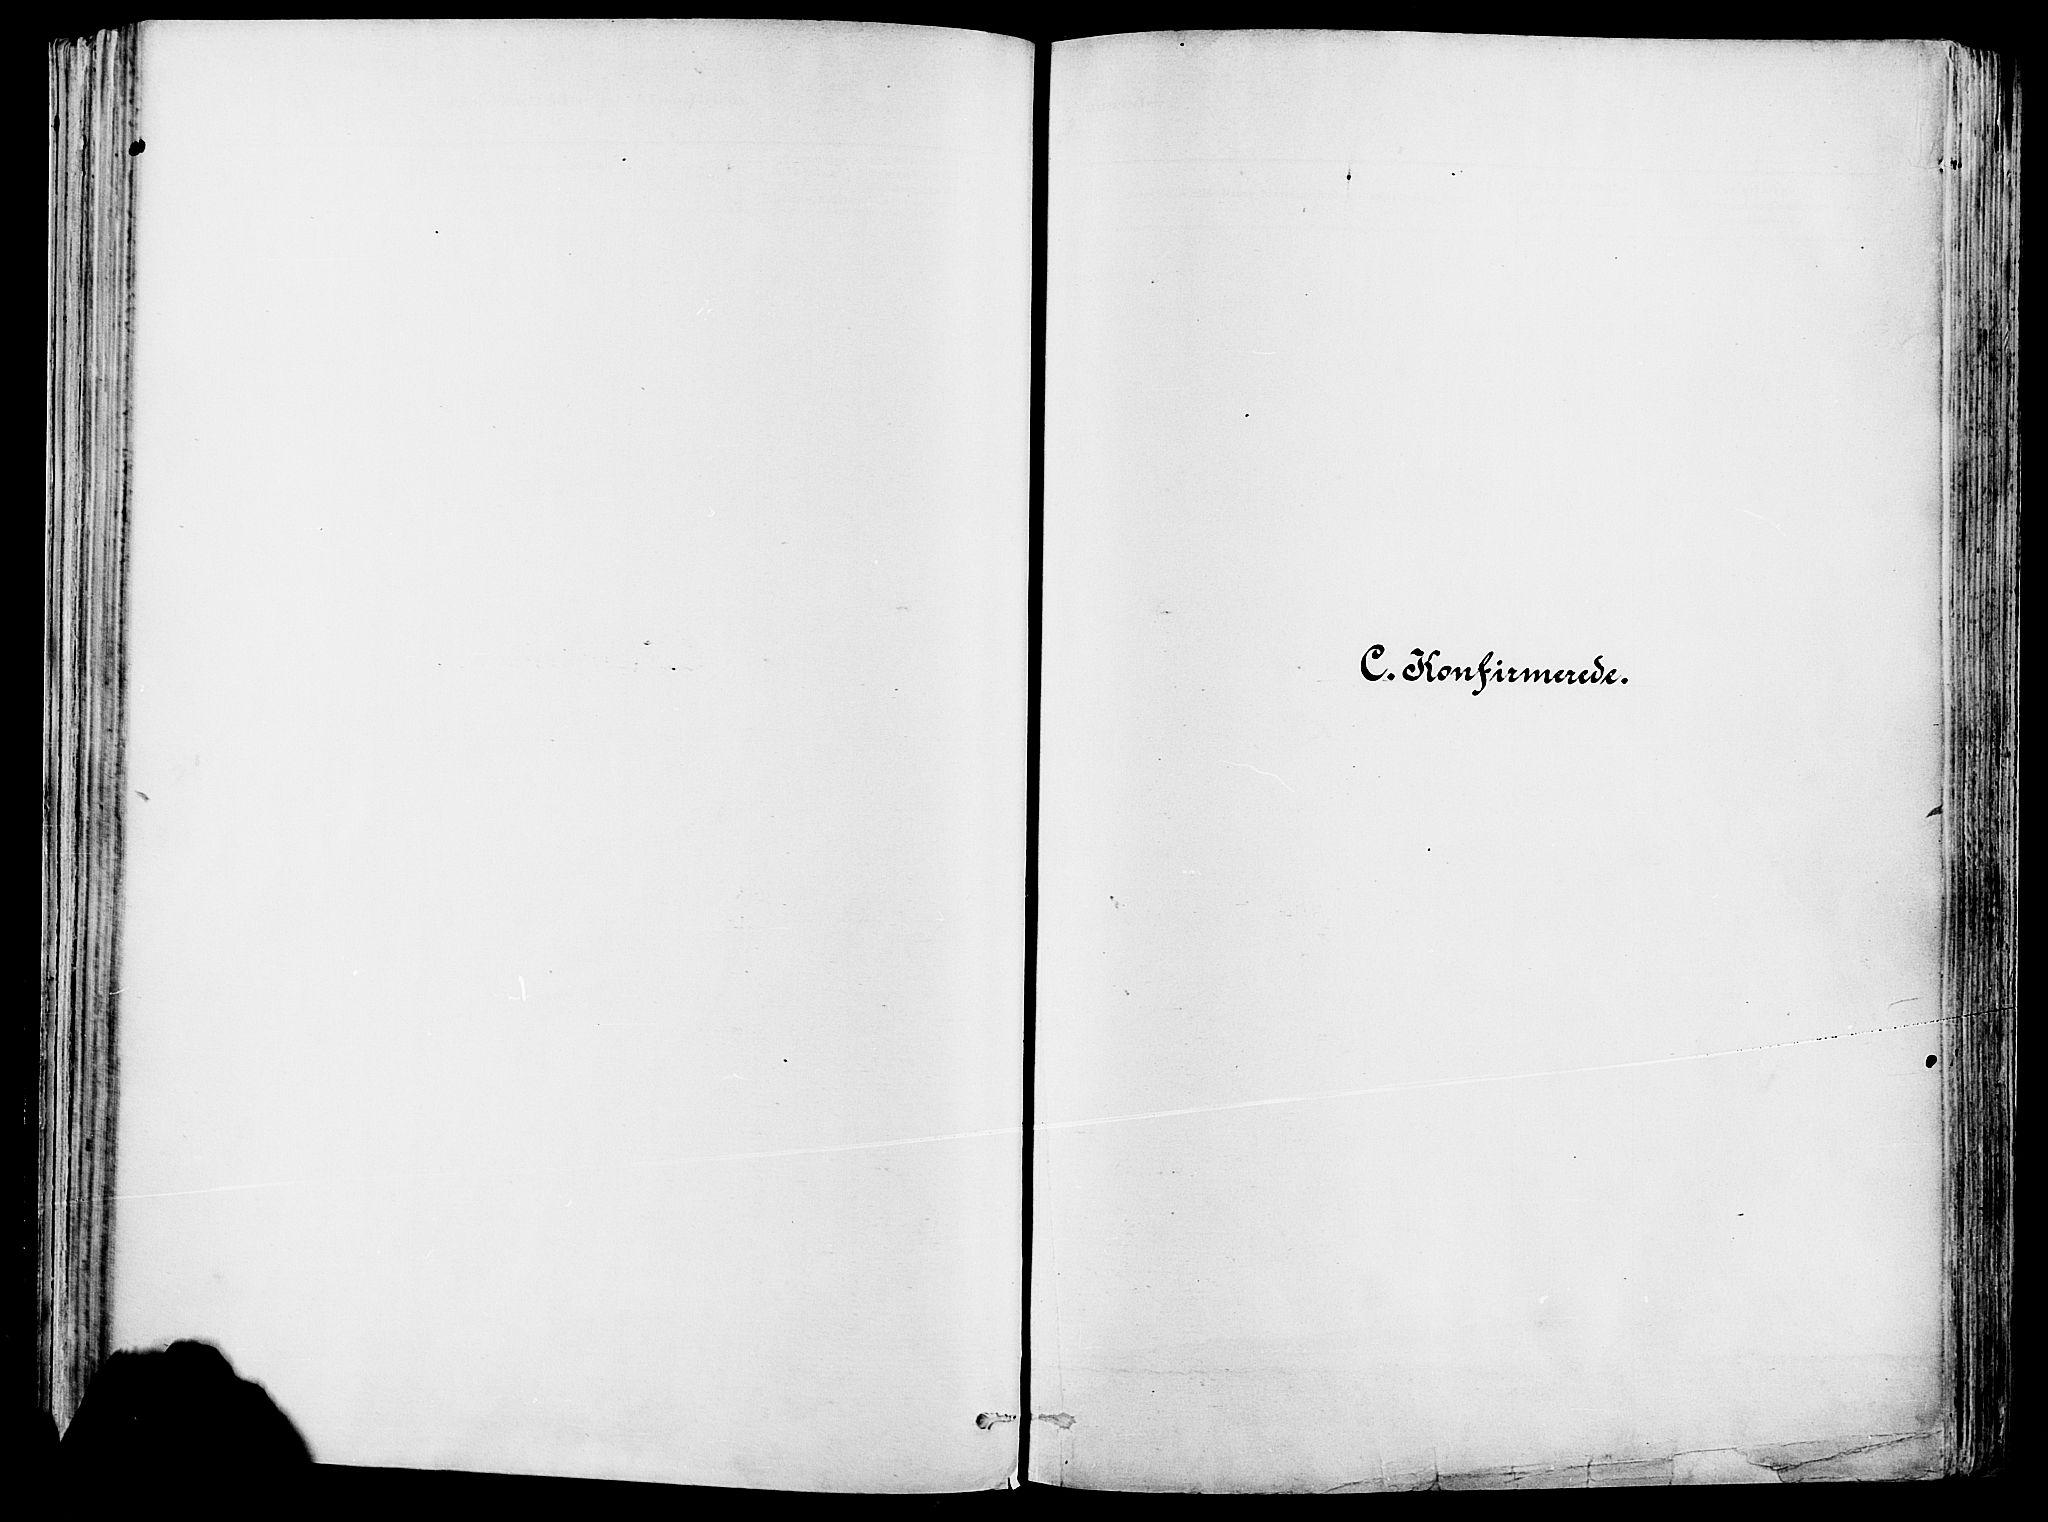 SAH, Vågå prestekontor, Parish register (official) no. 8, 1886-1904